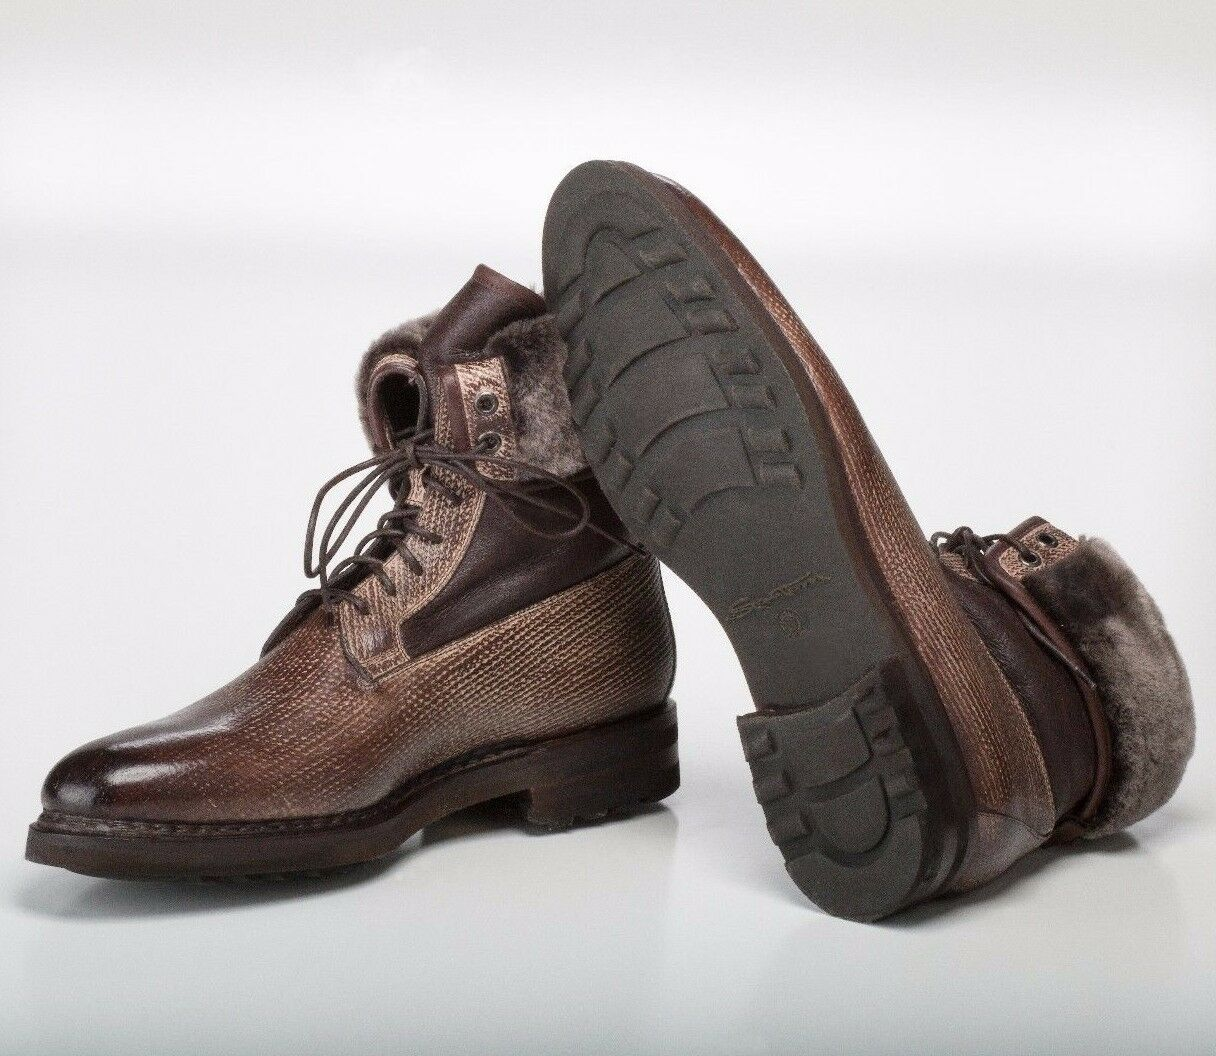 Miglior prezzo Santoni SHEARLING LINED Goodyear Goodyear Goodyear Marrone Brushed Leather Ankle stivali 9US  economico e alla moda